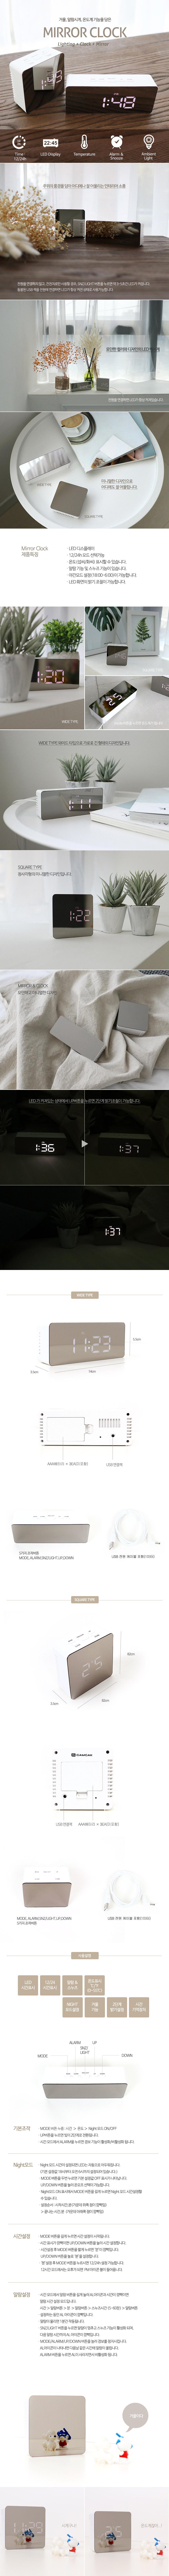 미러타입 LED 탁상시계 - 감각, 16,500원, 알람/탁상시계, LED/디지털시계